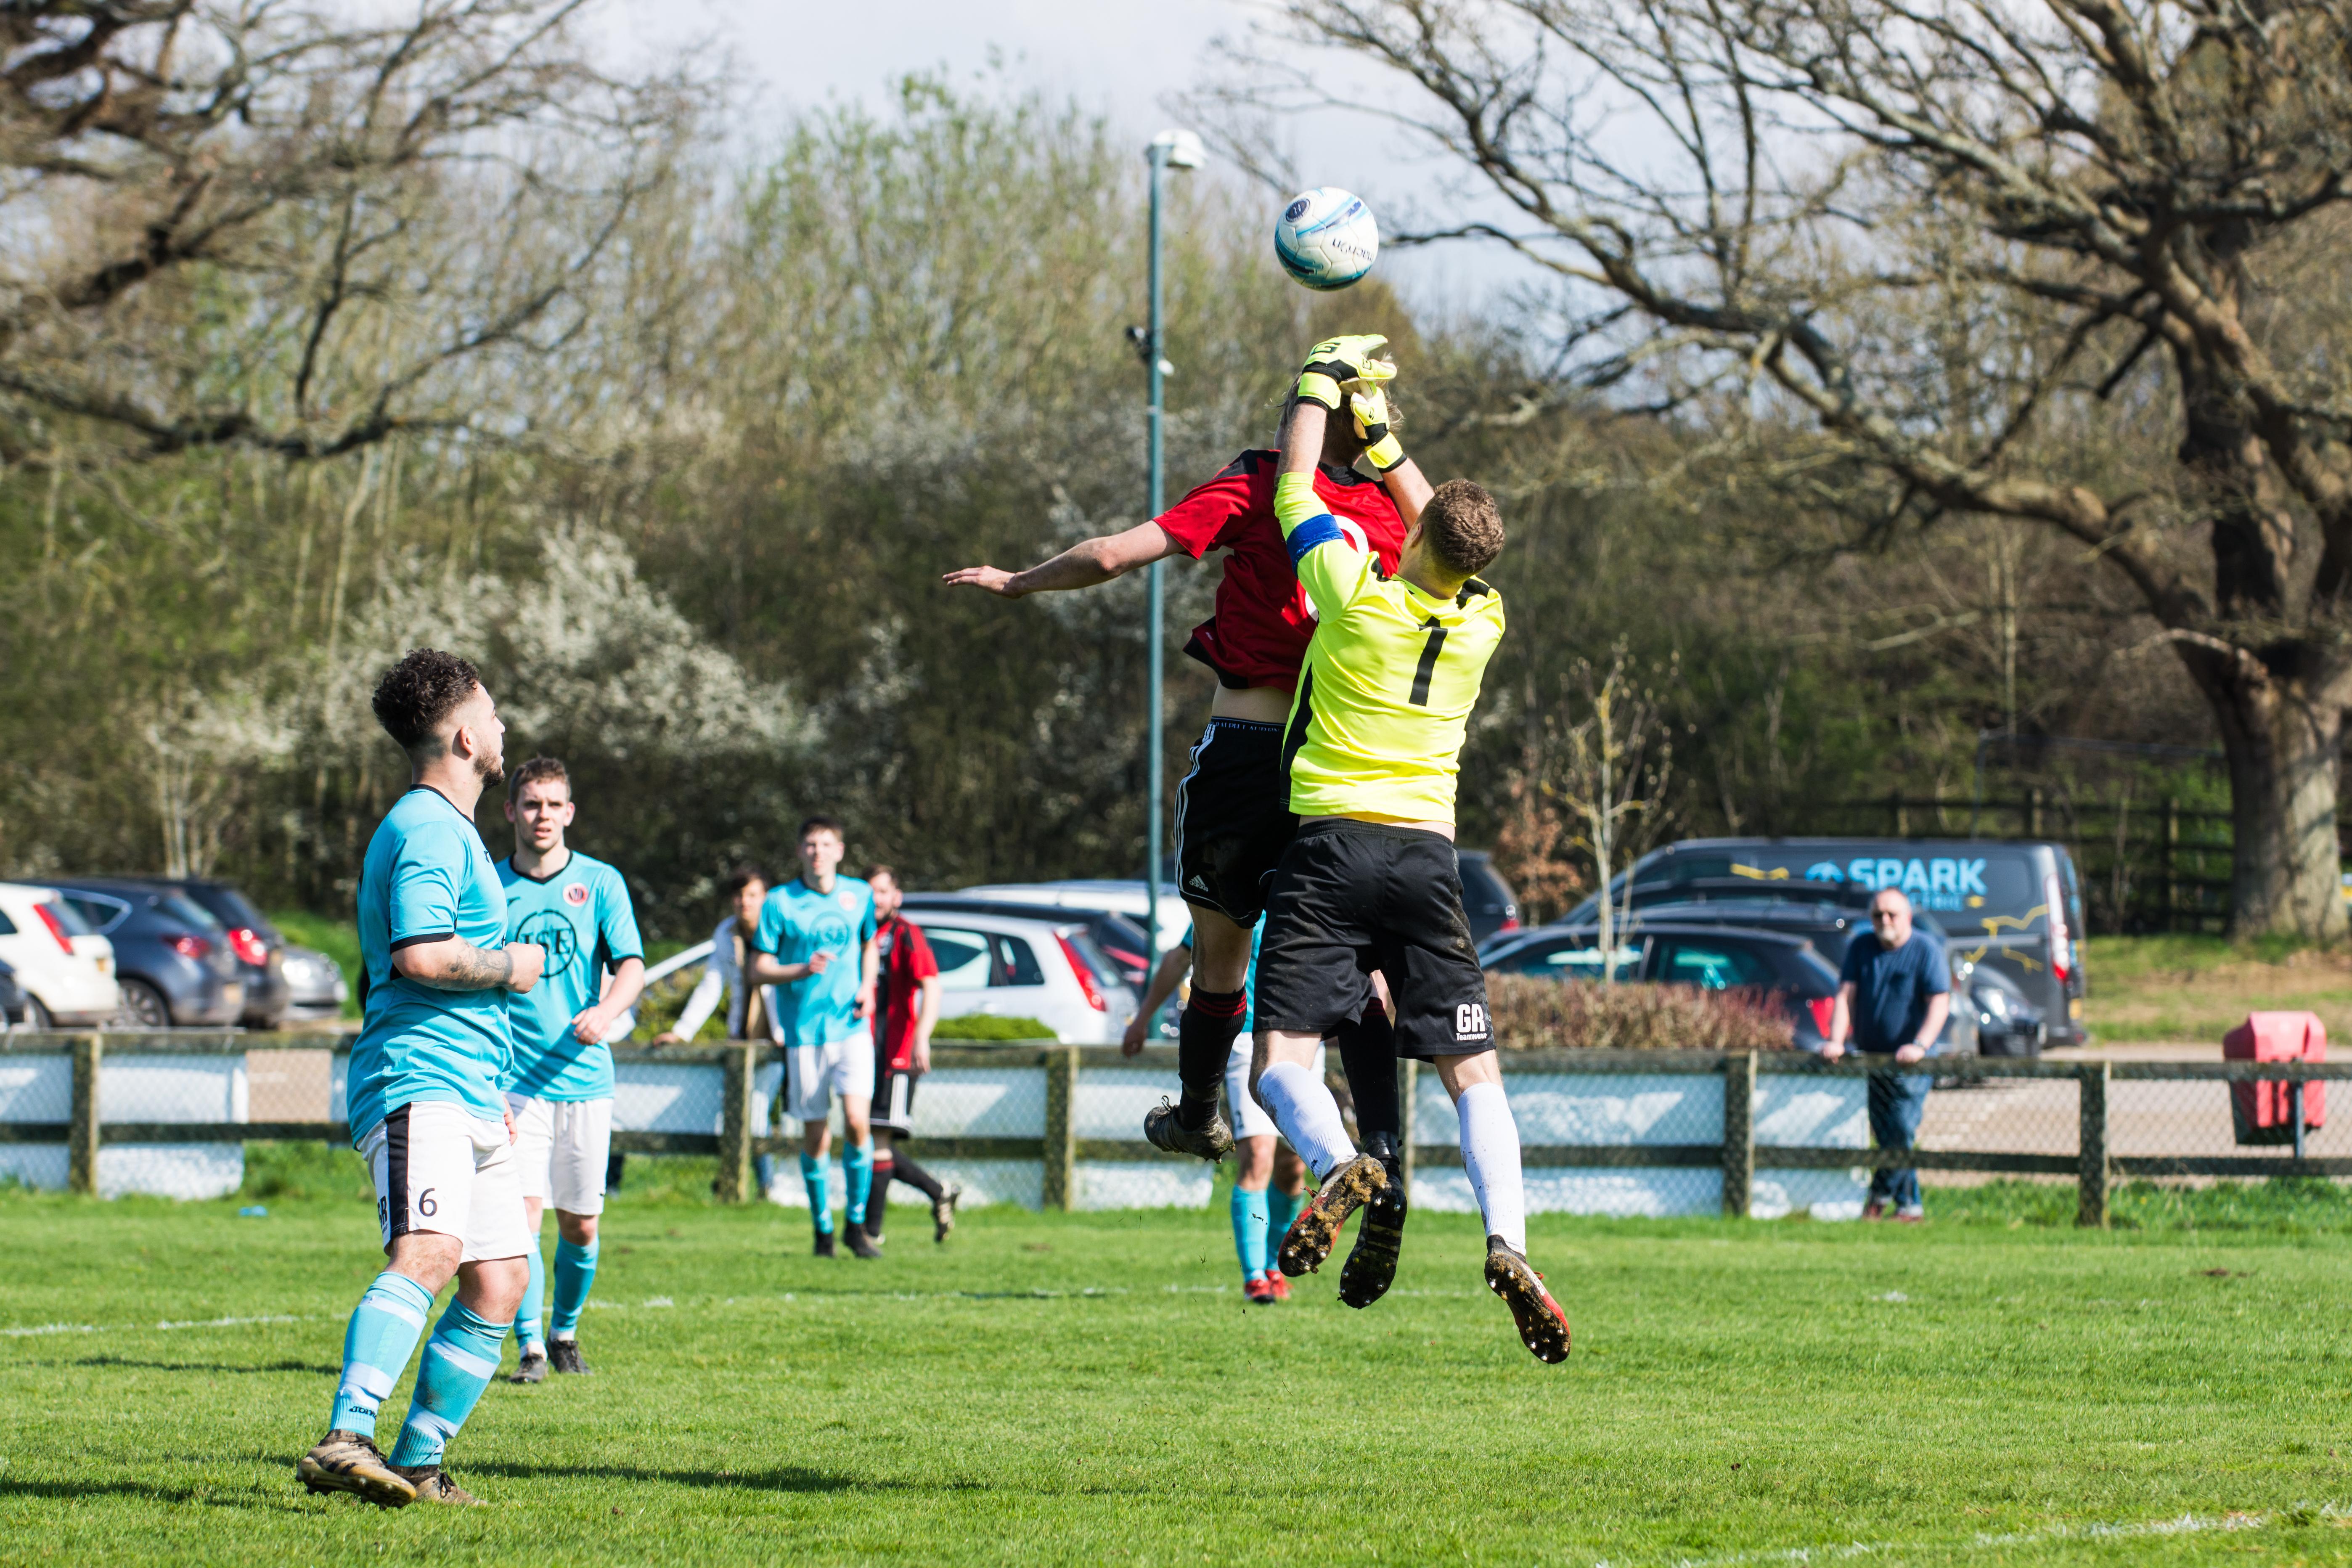 DAVID_JEFFERY Billingshurst FC vs AFC Varndeanians 14.04.18 65